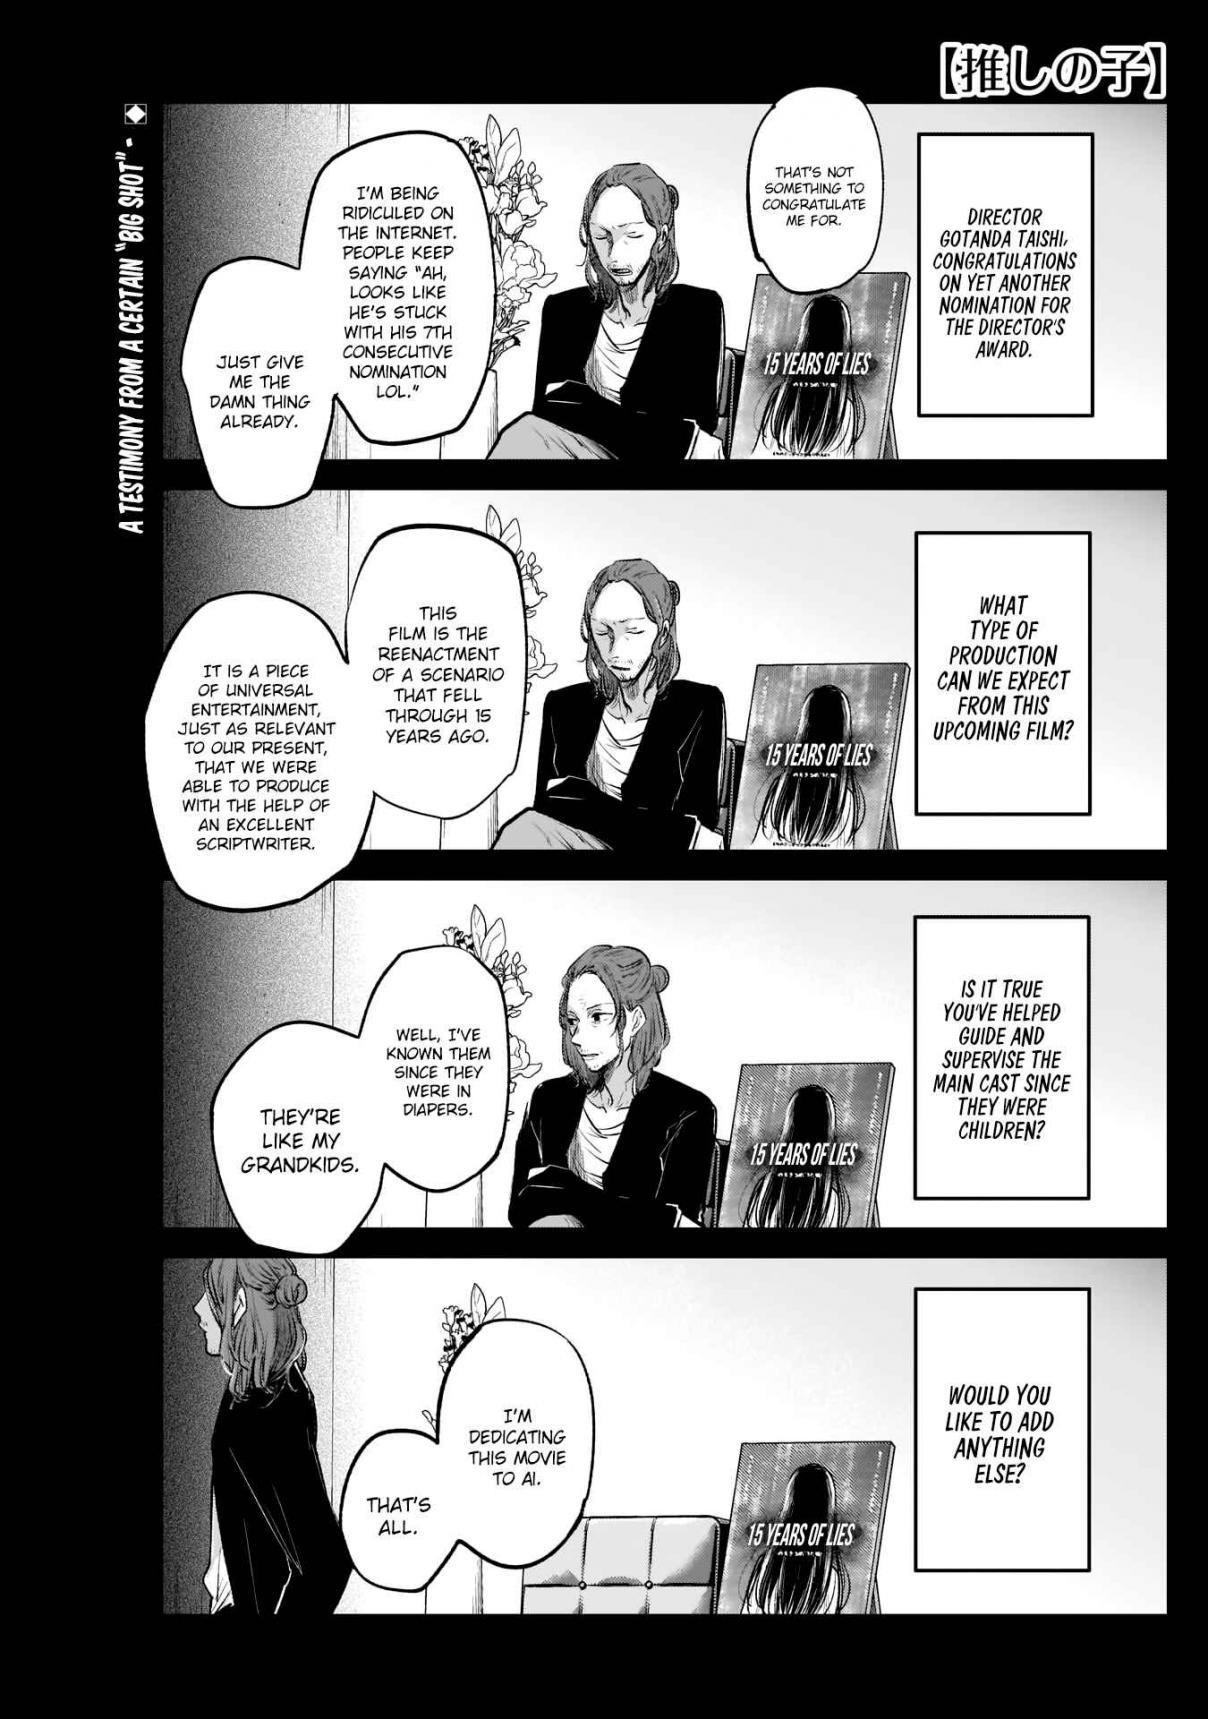 https://manga.mangadogs.com/comics/pic4/34/37218/1784874/ae947edd26325ff626f7ff588fe18441.jpg Page 1